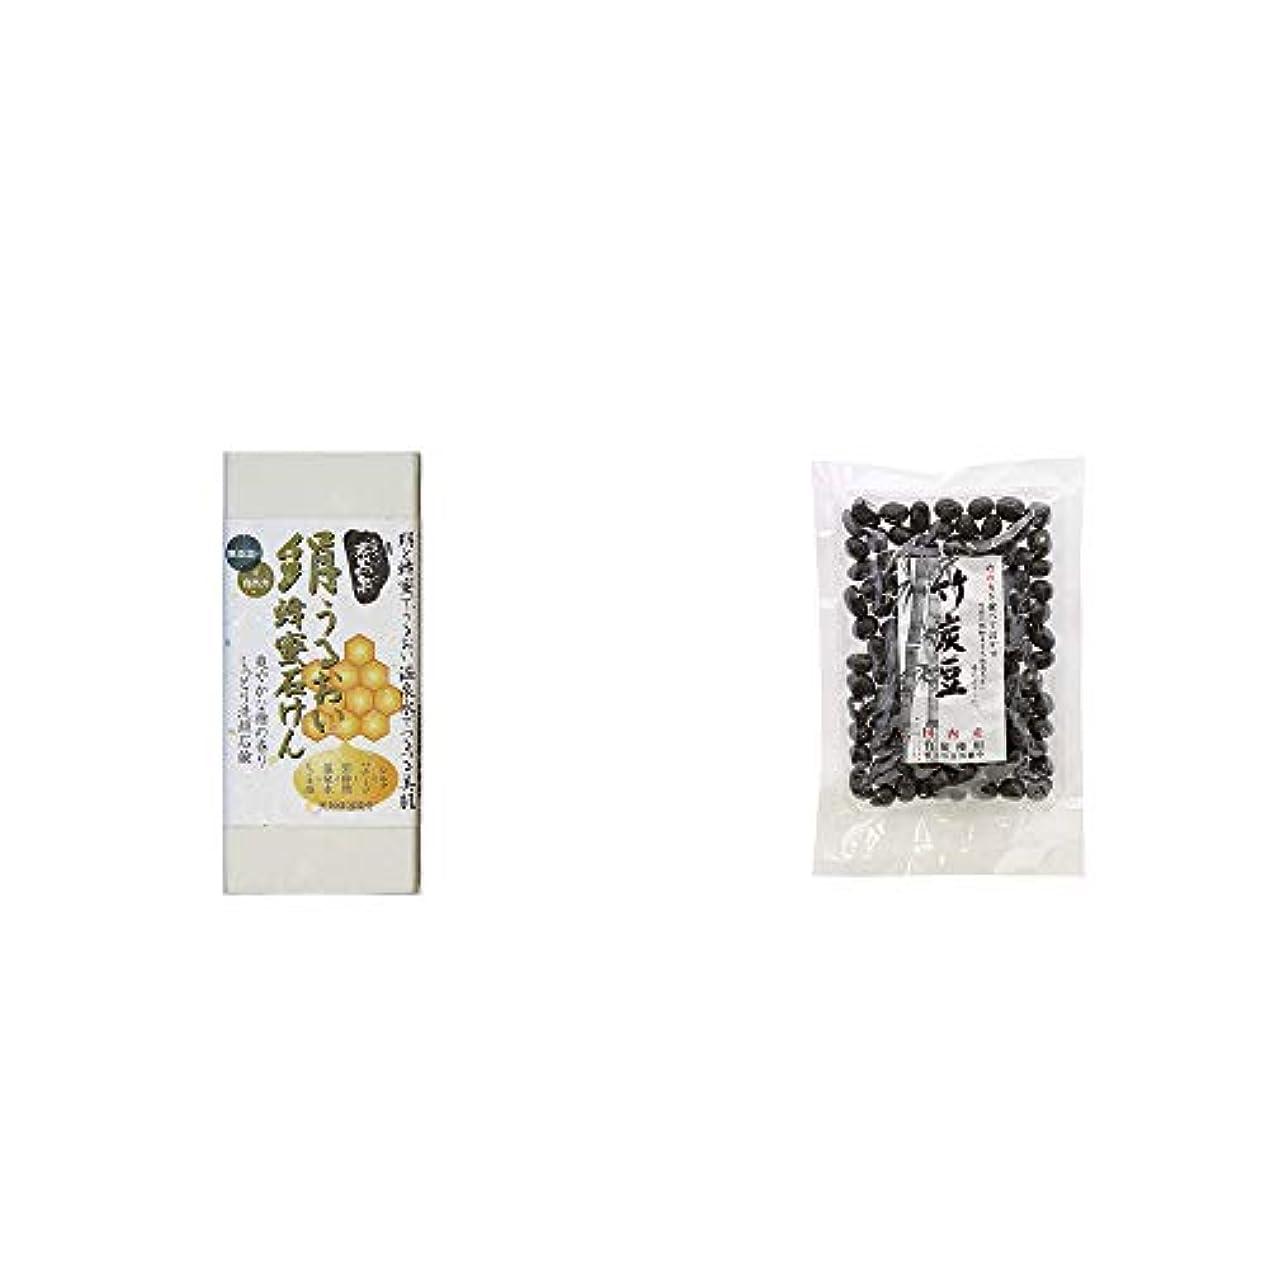 異常記念美容師[2点セット] ひのき炭黒泉 絹うるおい蜂蜜石けん(75g×2)?国内産 竹炭使用 竹炭豆(160g)